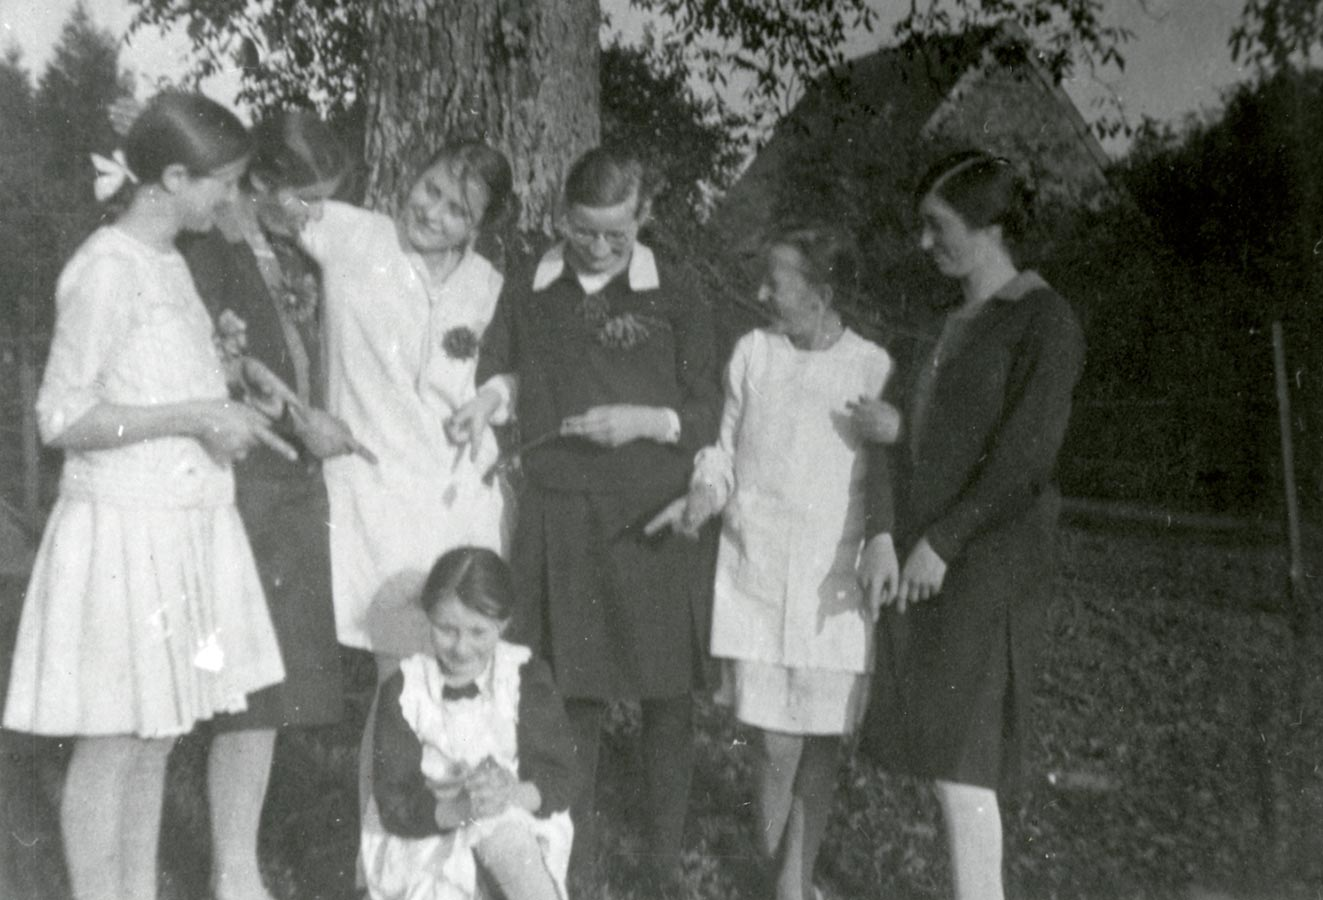 Les filles Schmitz et leurs amies ca. 1925 © photographe inconnu, droits réservés